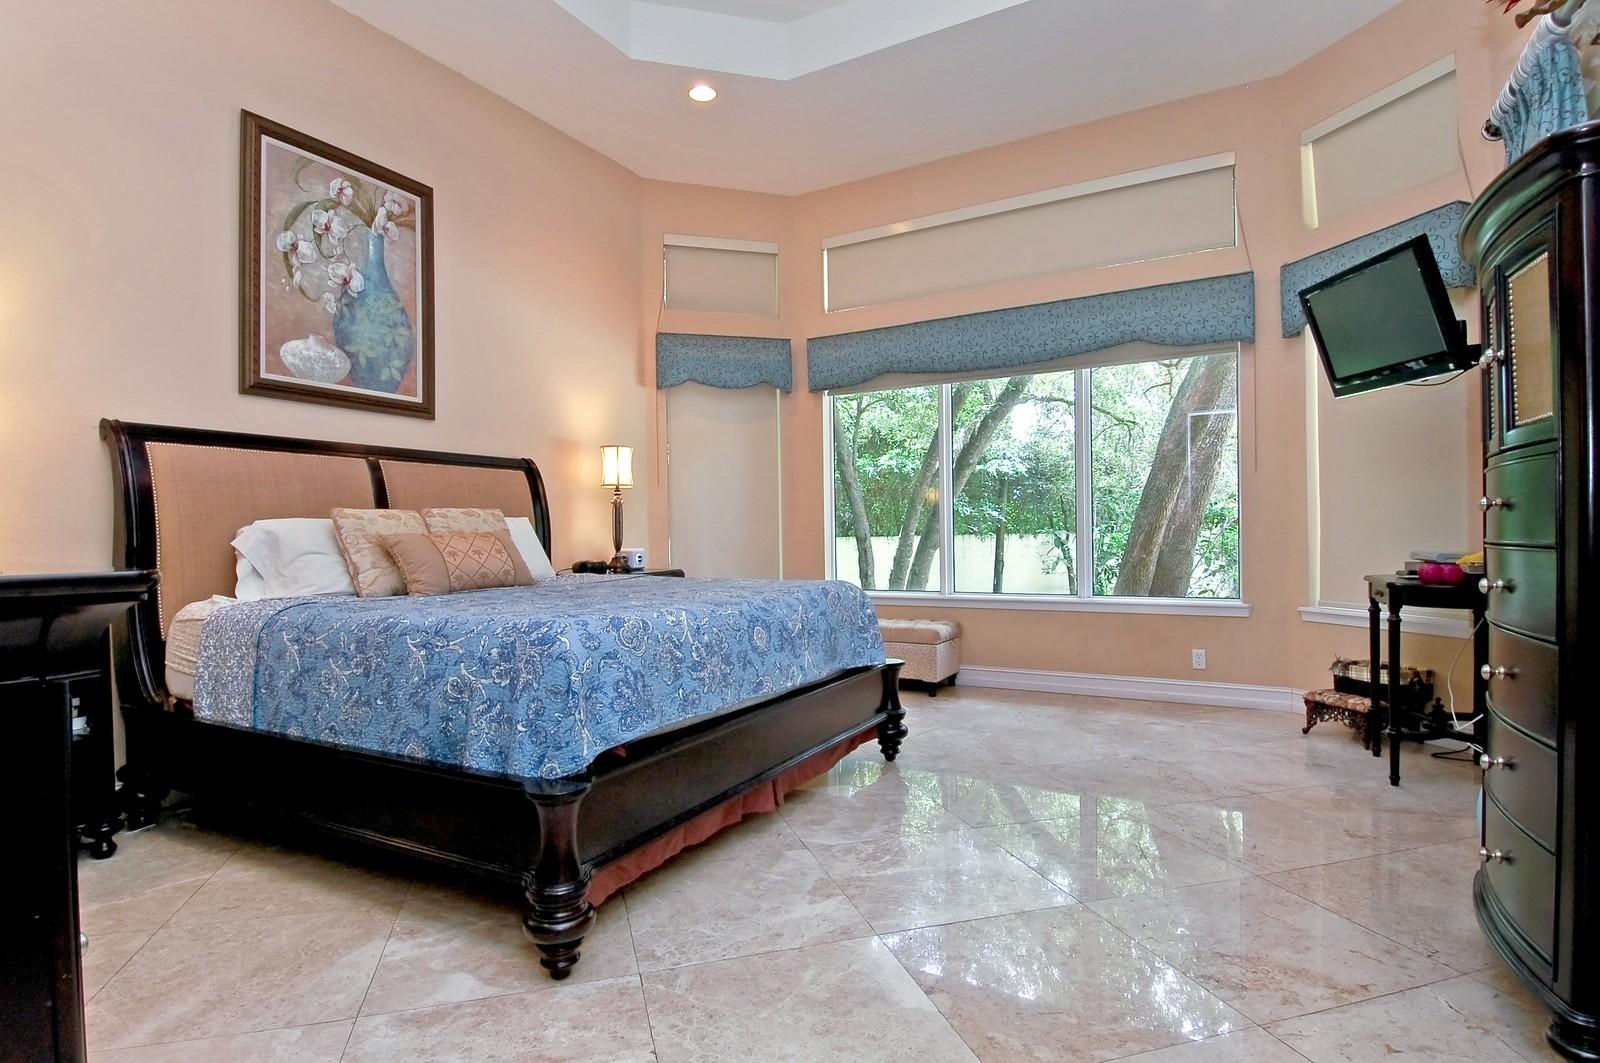 Real Estate Photography - 5400 Woodlanden Ln, Ft Lauderdale, FL, 33021 - Master Bedroom